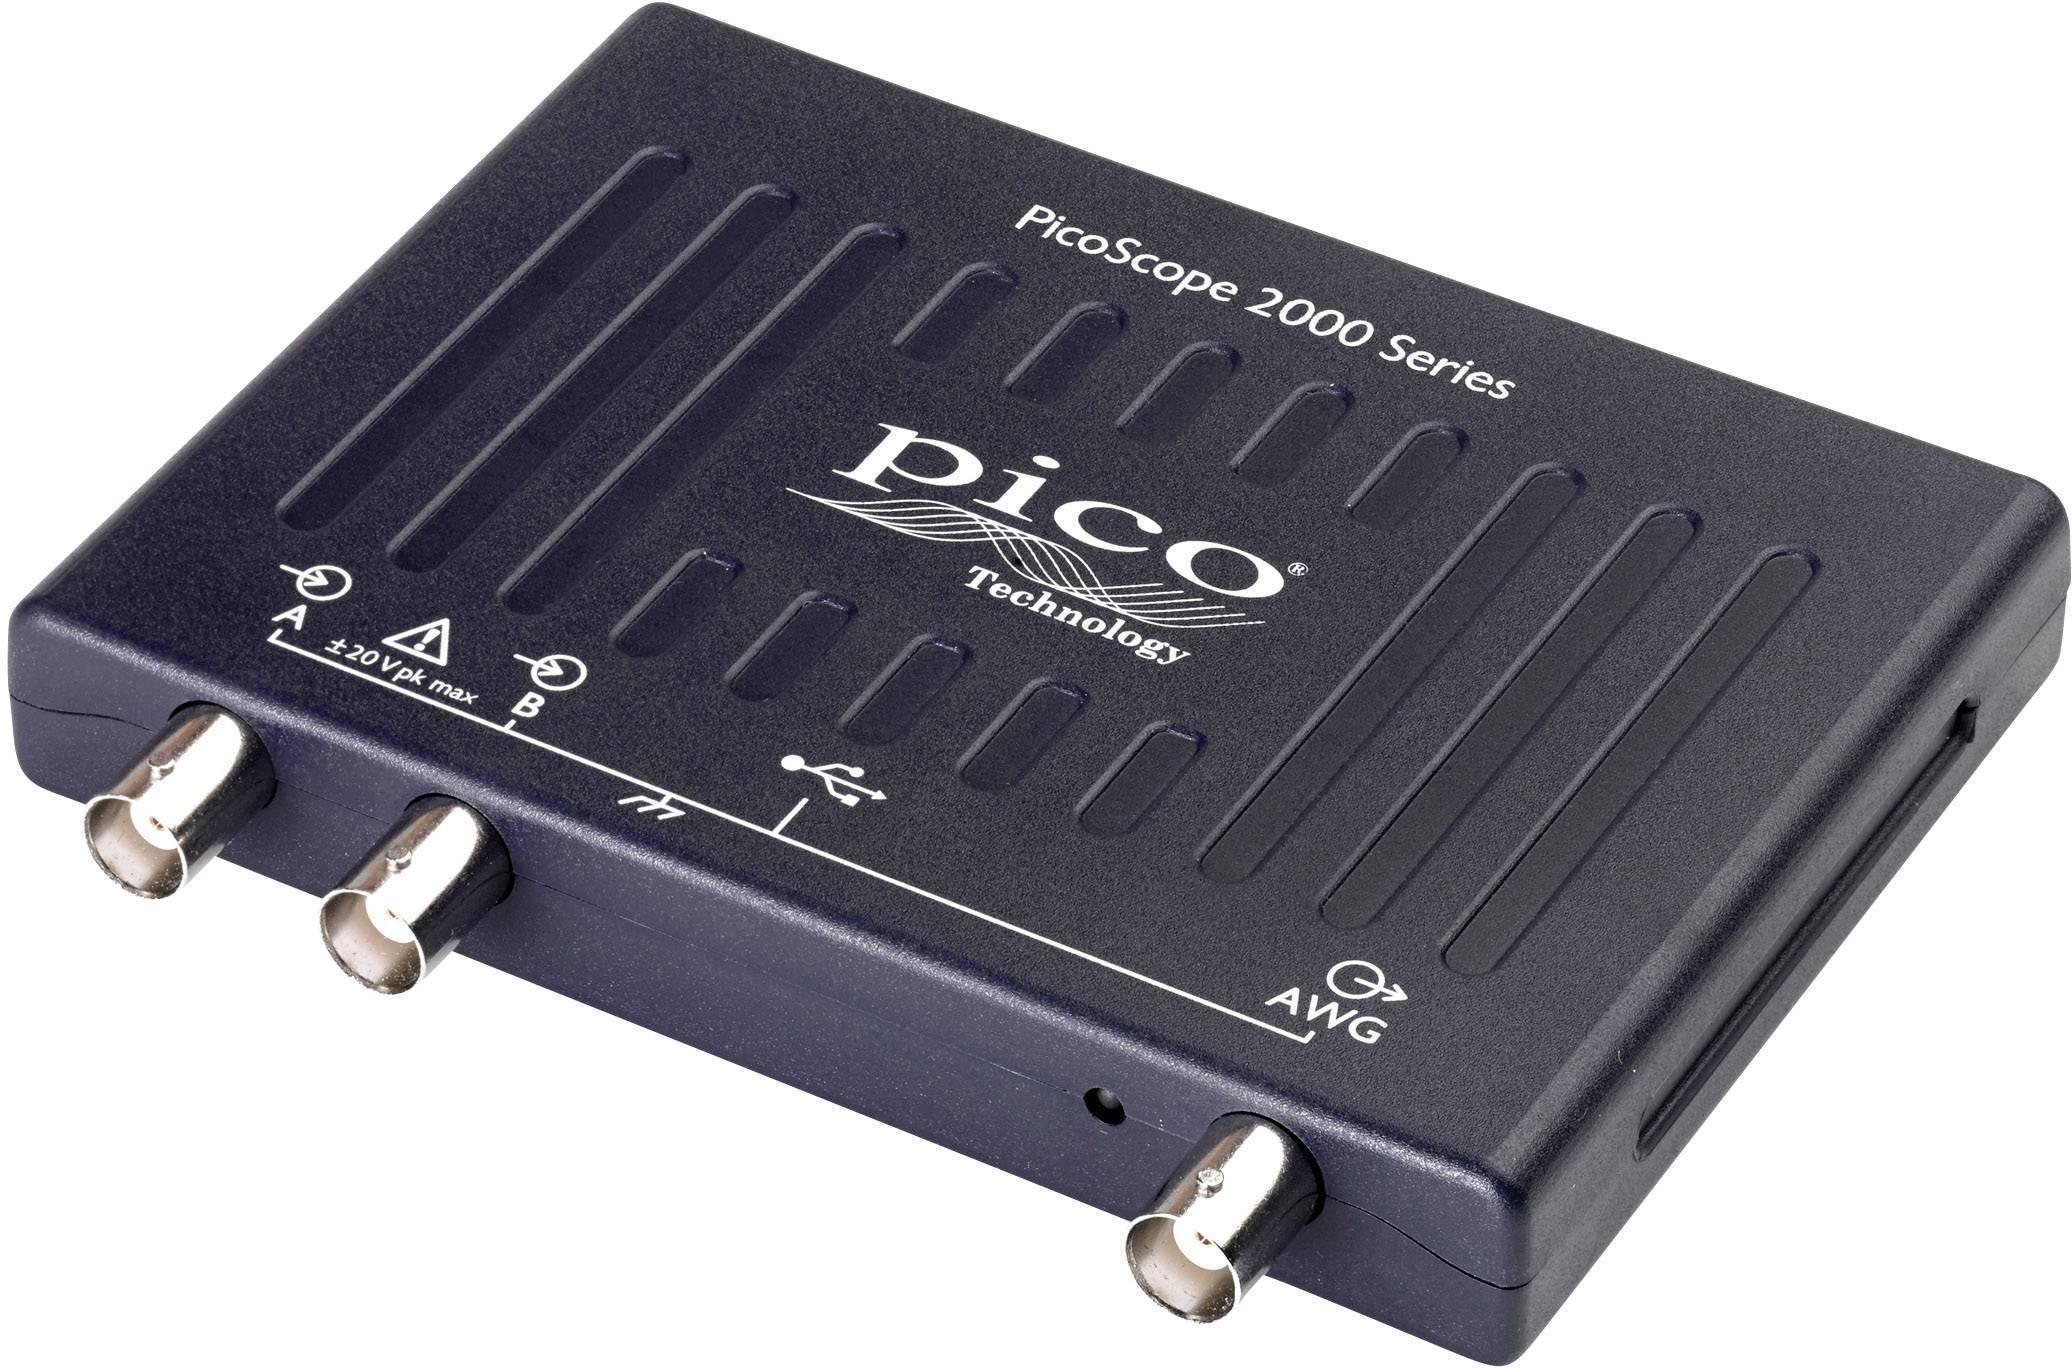 USB osciloskop pico 2206B, 50 MHz, 2kanálový